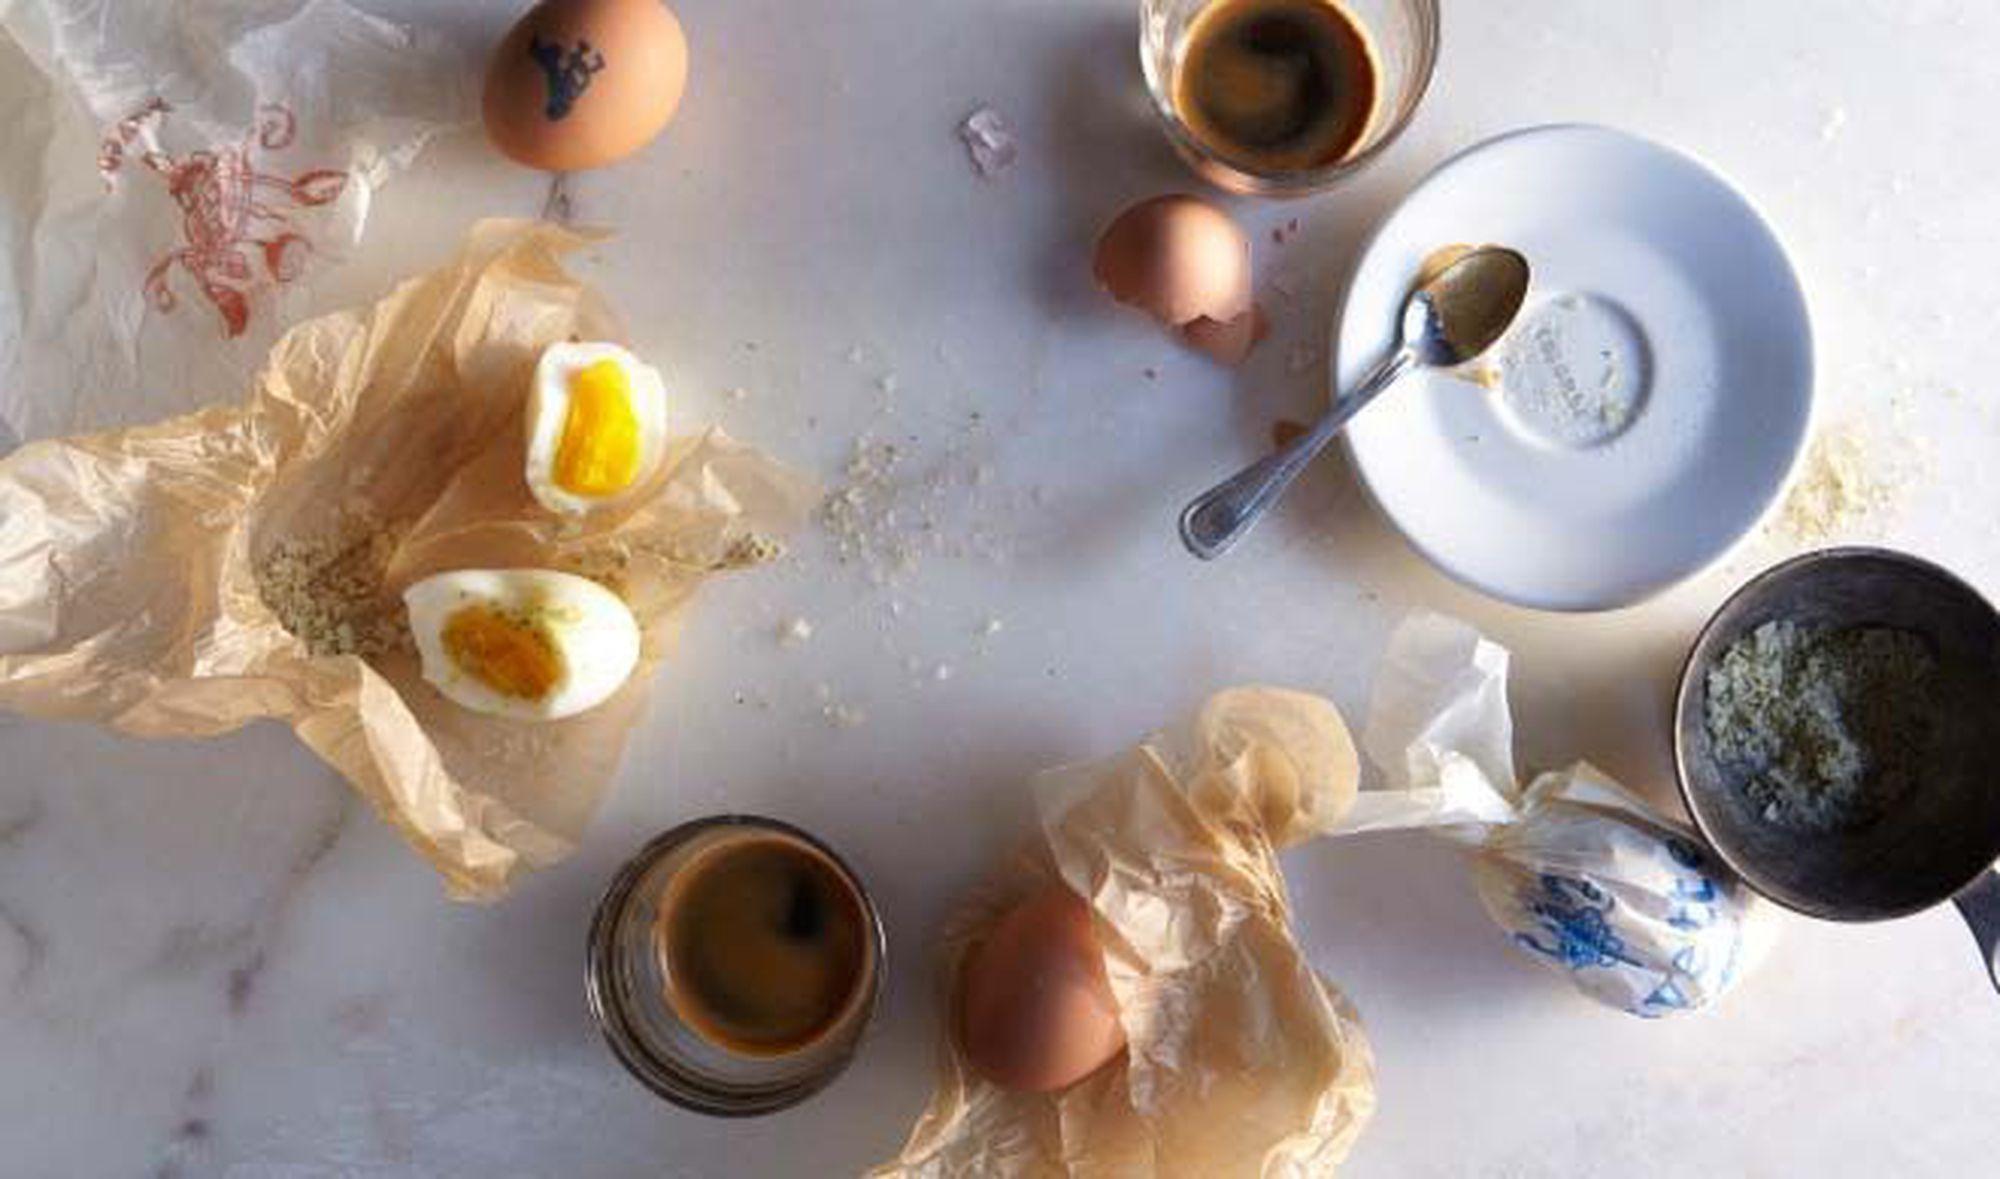 Jody Williams Startet mit Dessert, Sammelt Alles